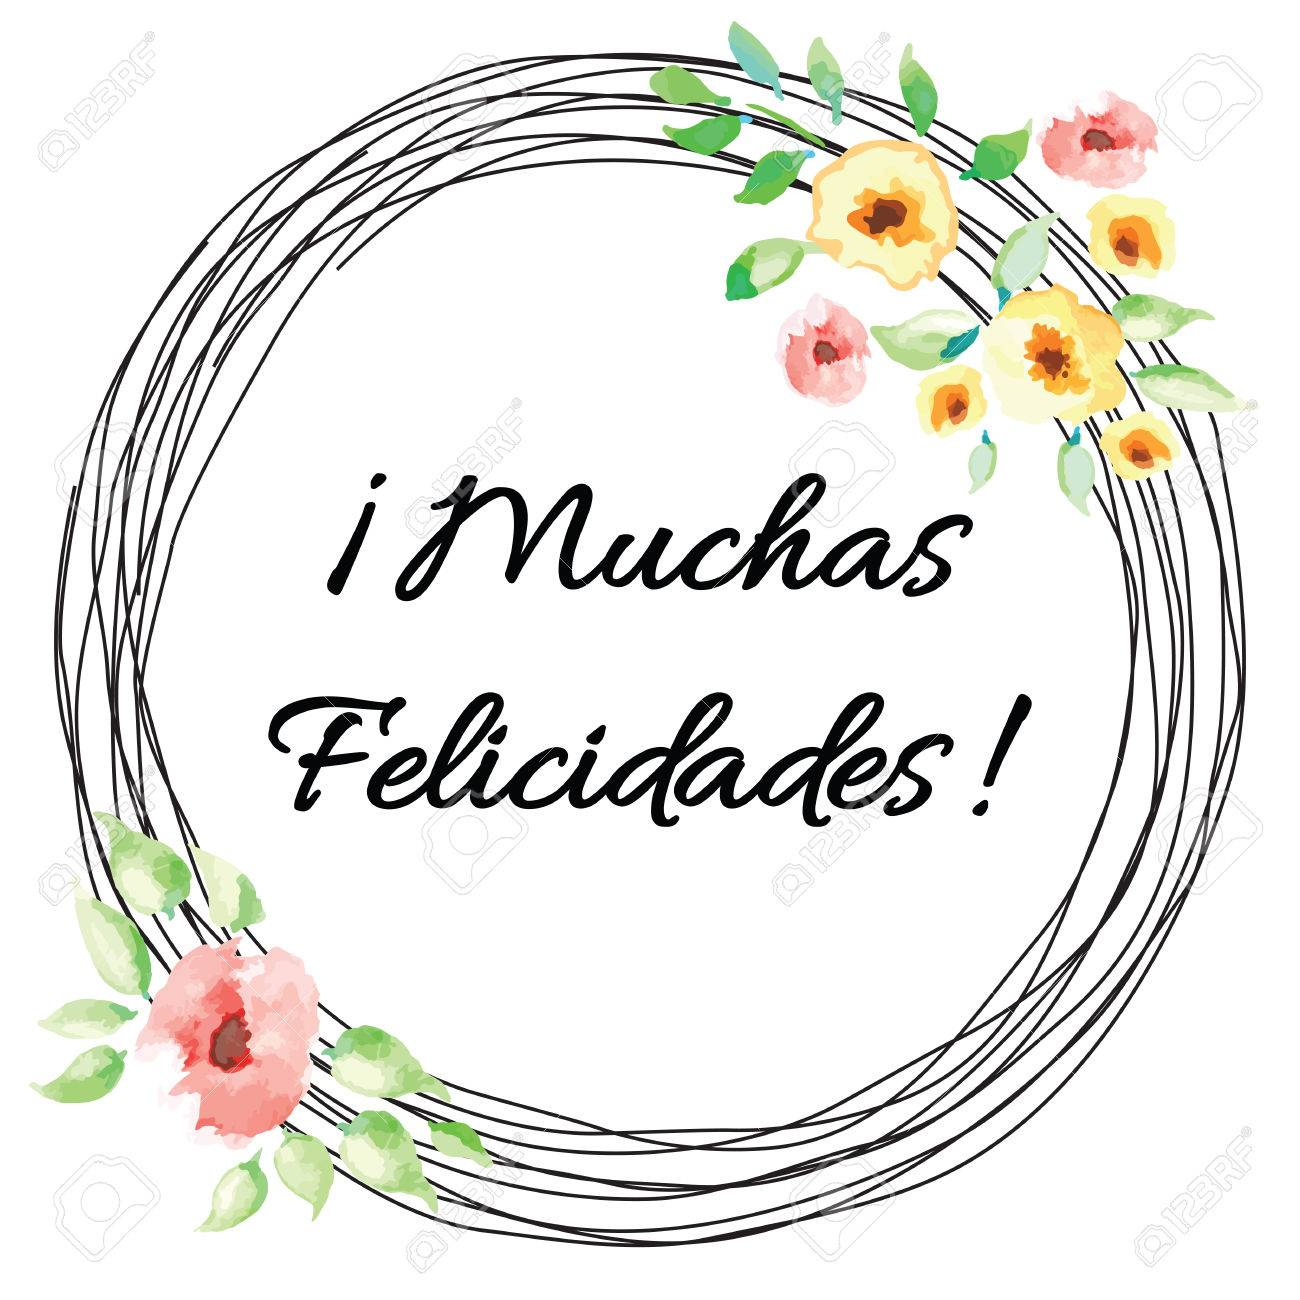 Bannière De La Typographie Vectorielle Avec Le Texte Félicitations Titre En Espagnol Carte De Mariage Ou Danniversaire